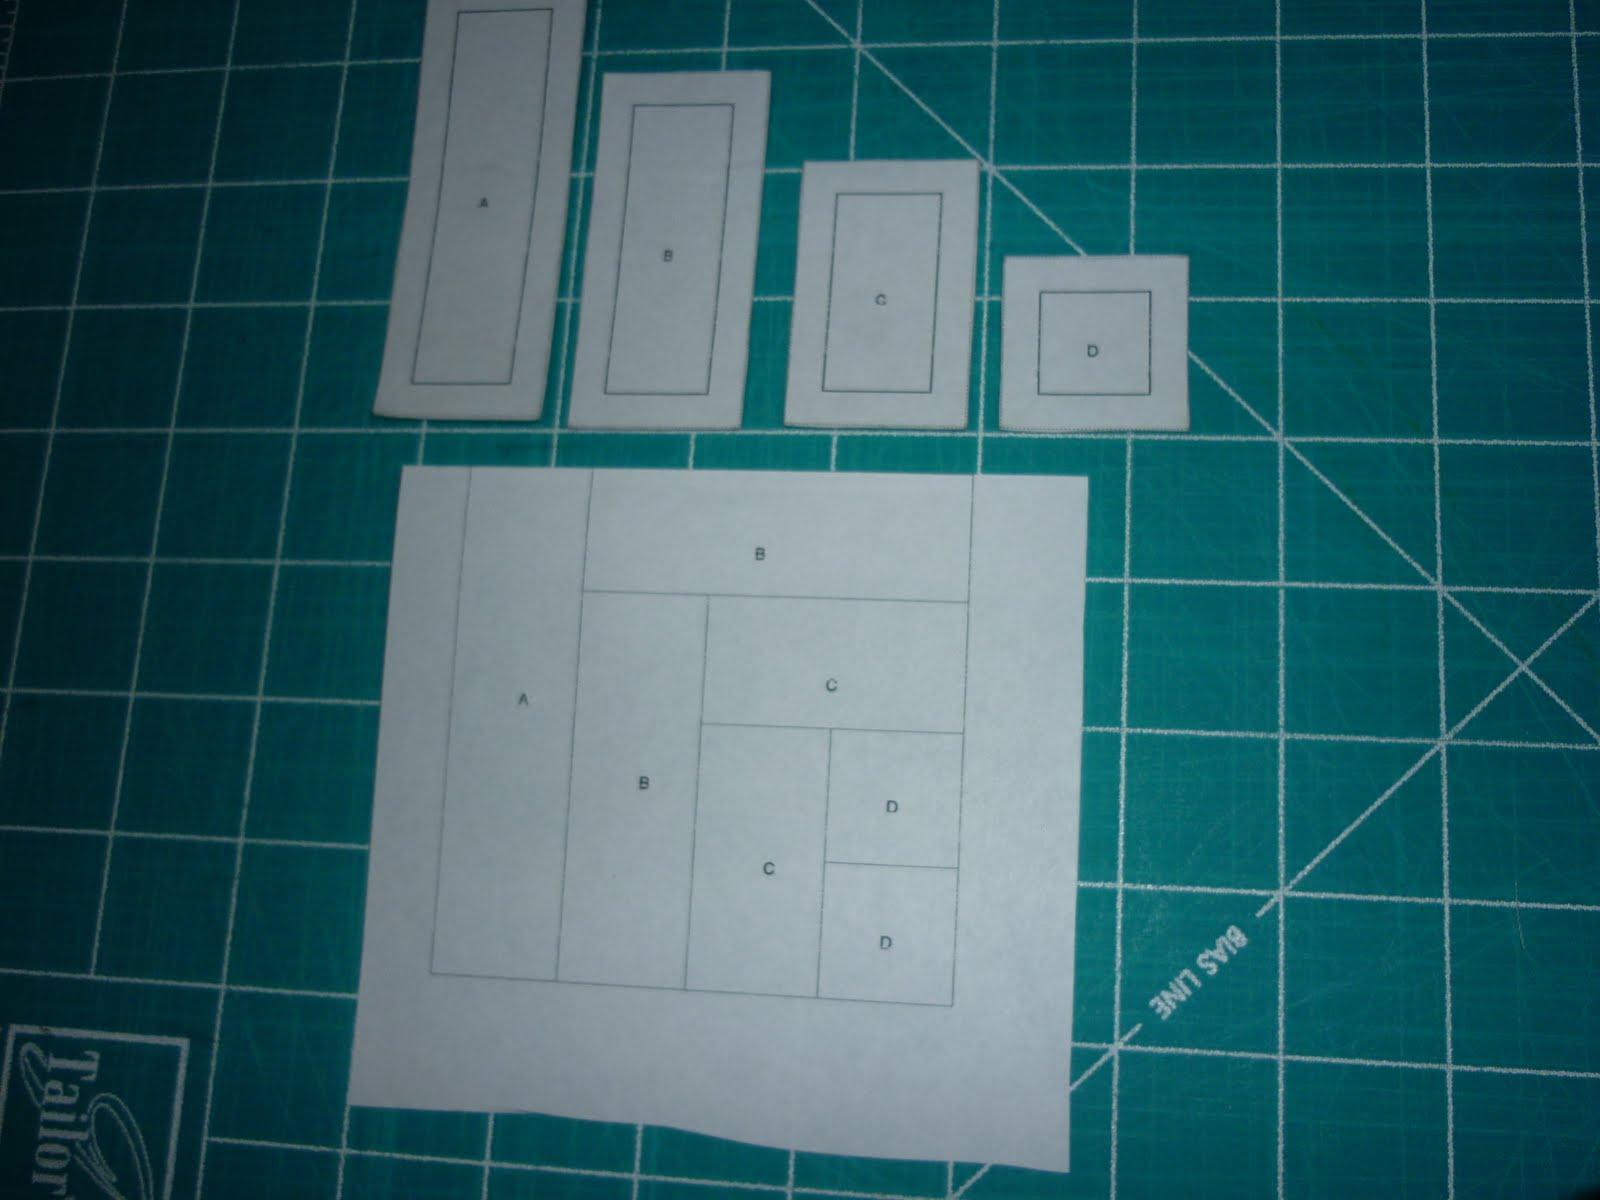 Casita del patchwork tutorial log cabin - La casita del patchwork ...